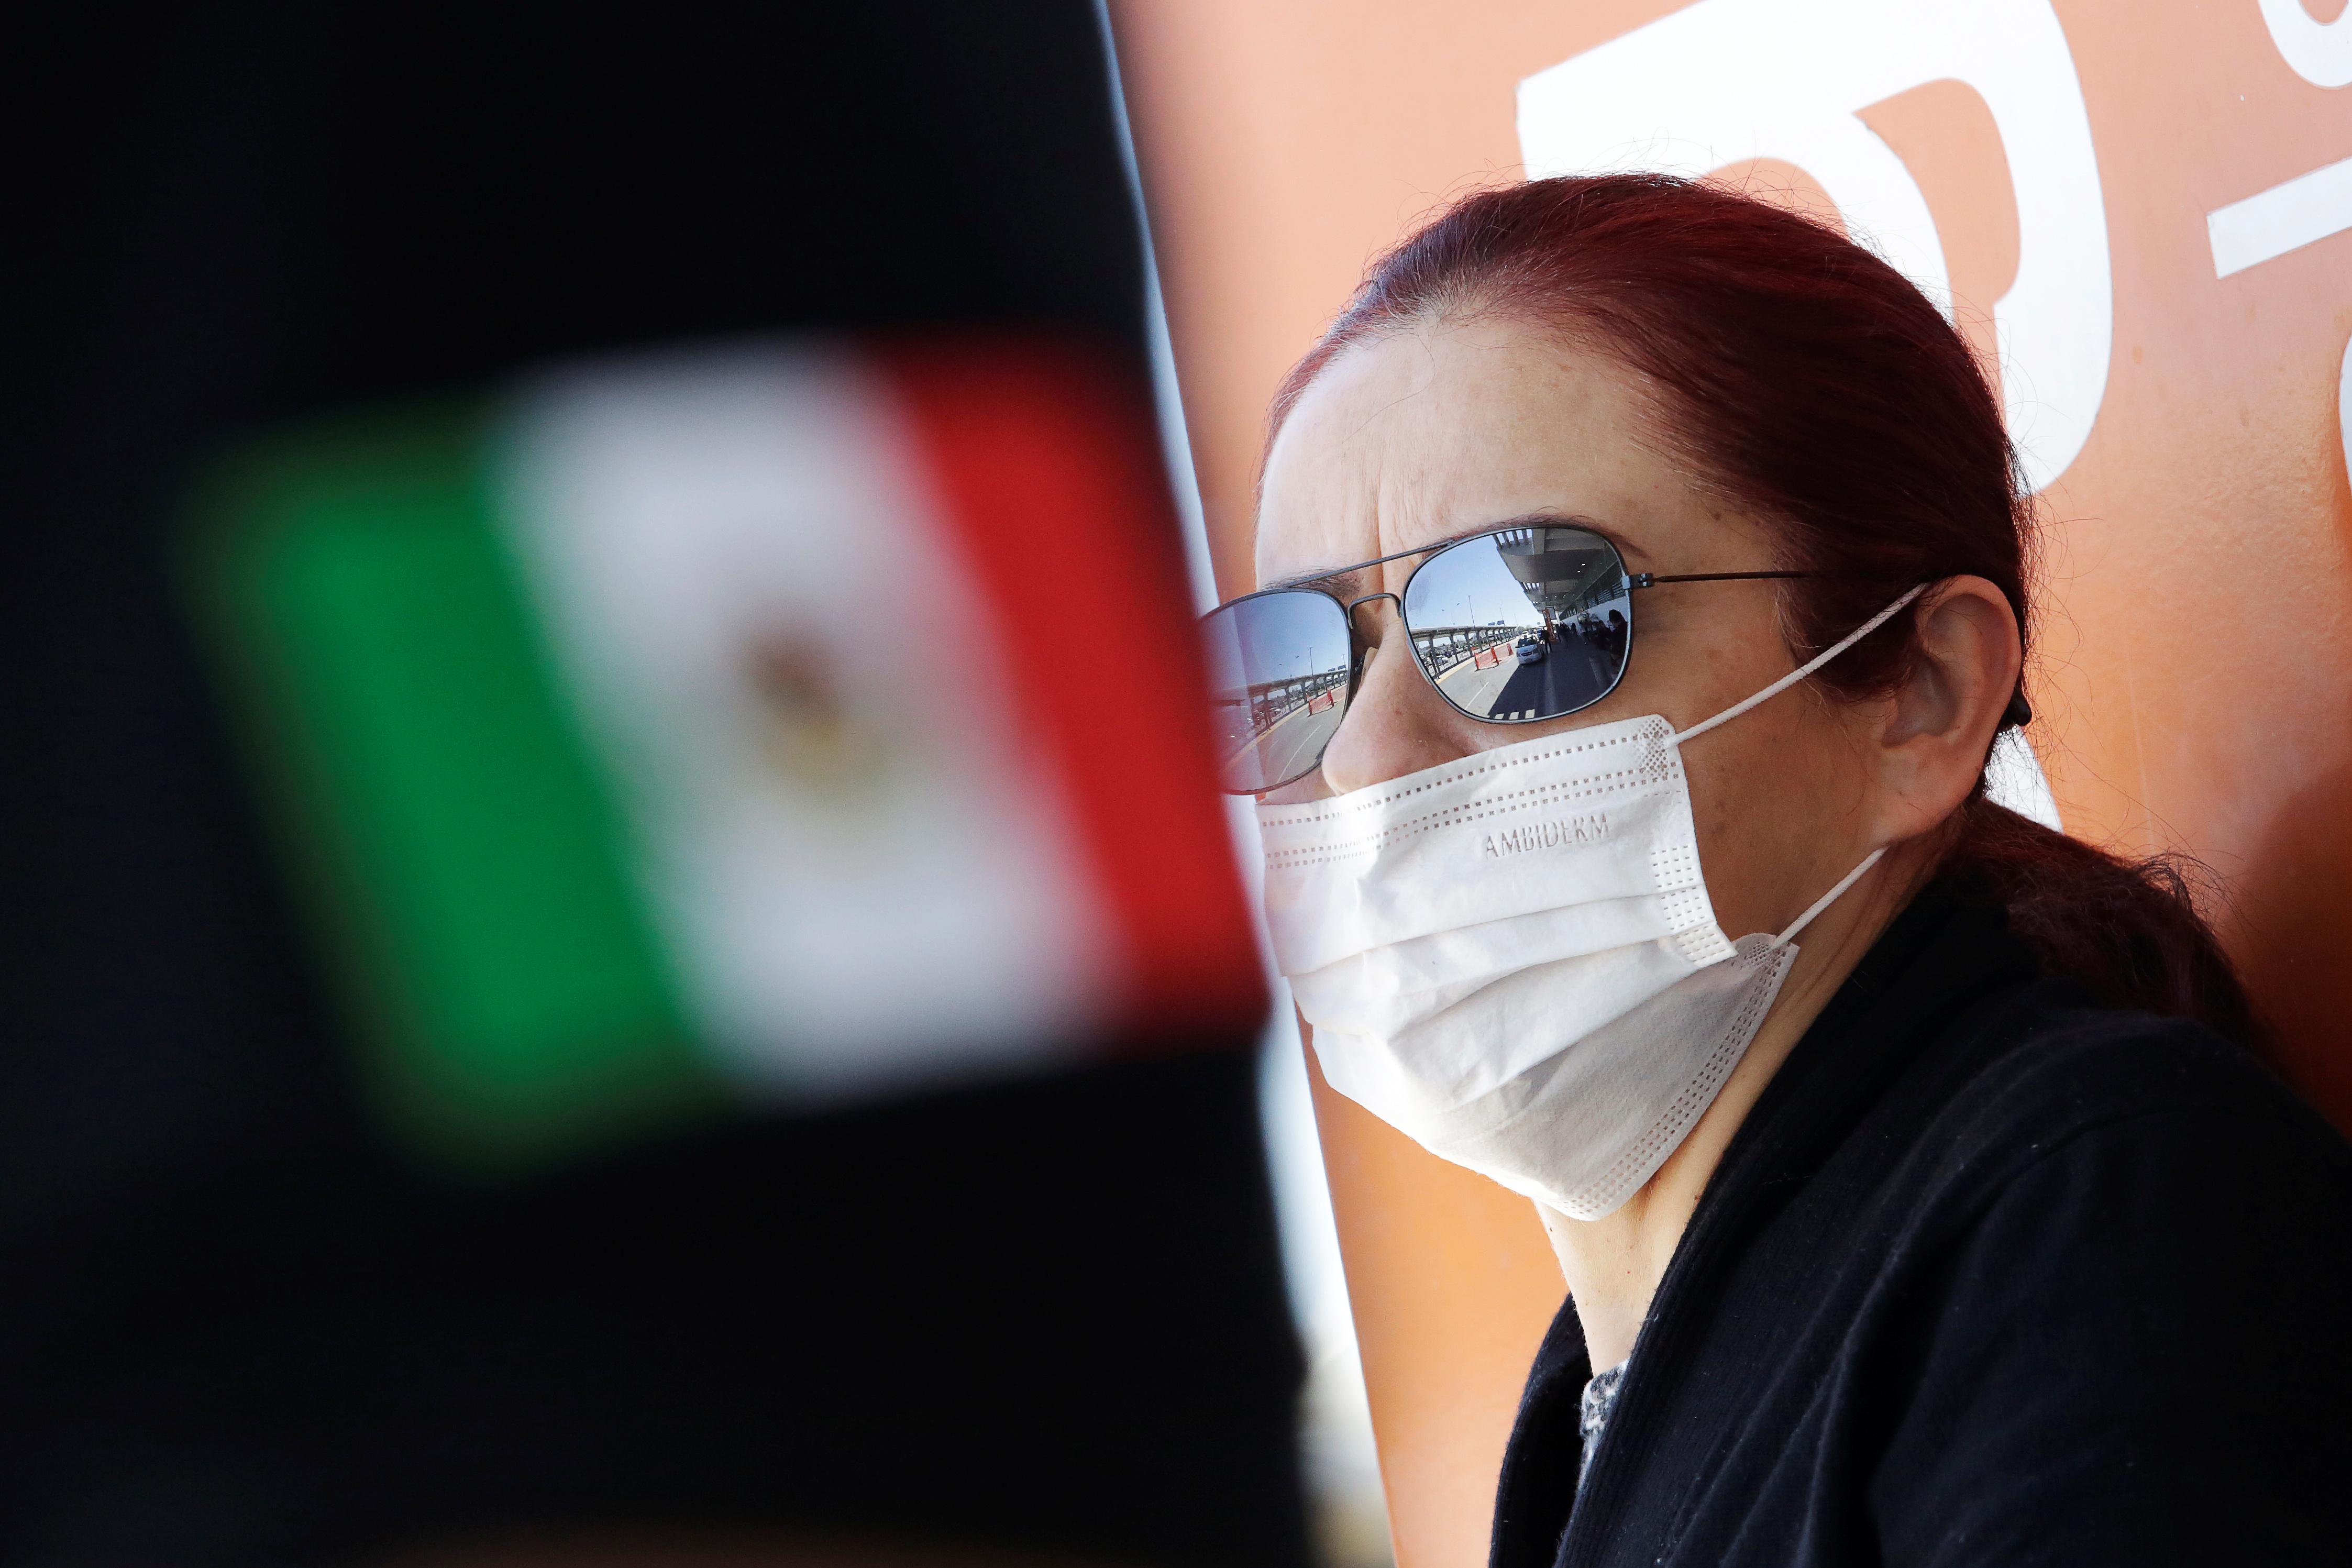 Una mujer usa una máscara facial para protegerse de la enfermedad por coronavirus (COVID-19) en el Aeropuerto Internacional Abraham González, en Ciudad Juárez, México, 14 de marzo de 2020.